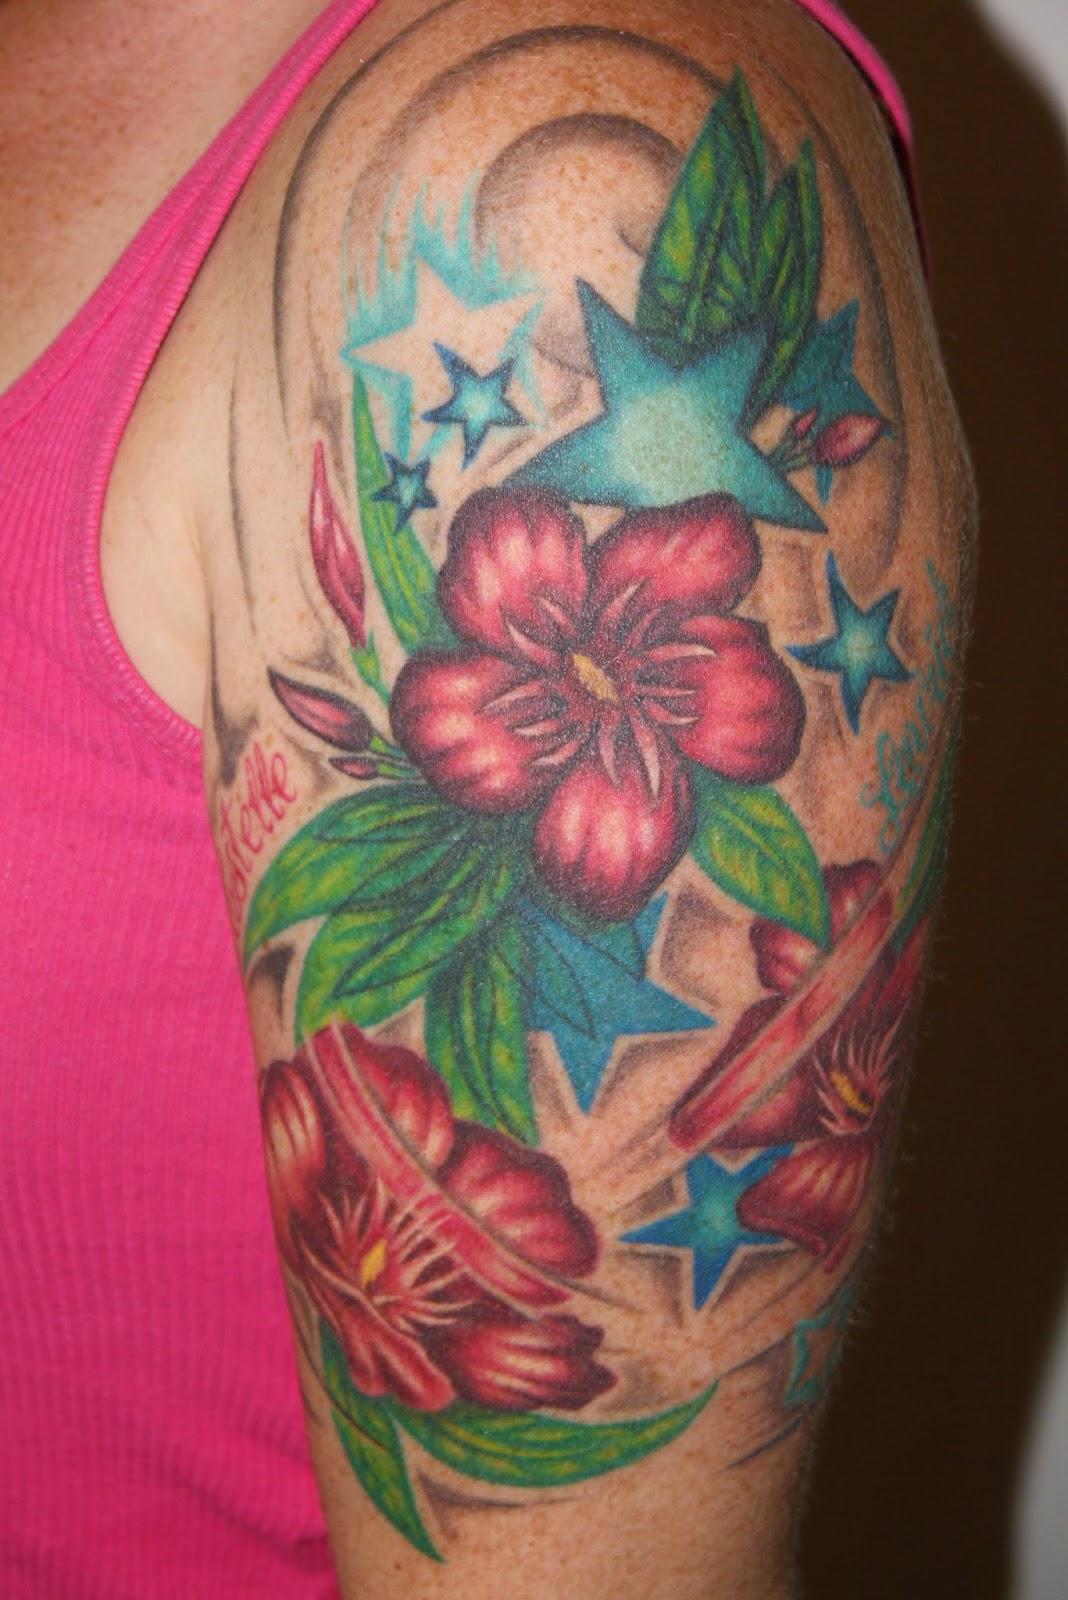 Le tatouage une passion qui peut coûter cher 12 01 2015  - combien coute un tatouage